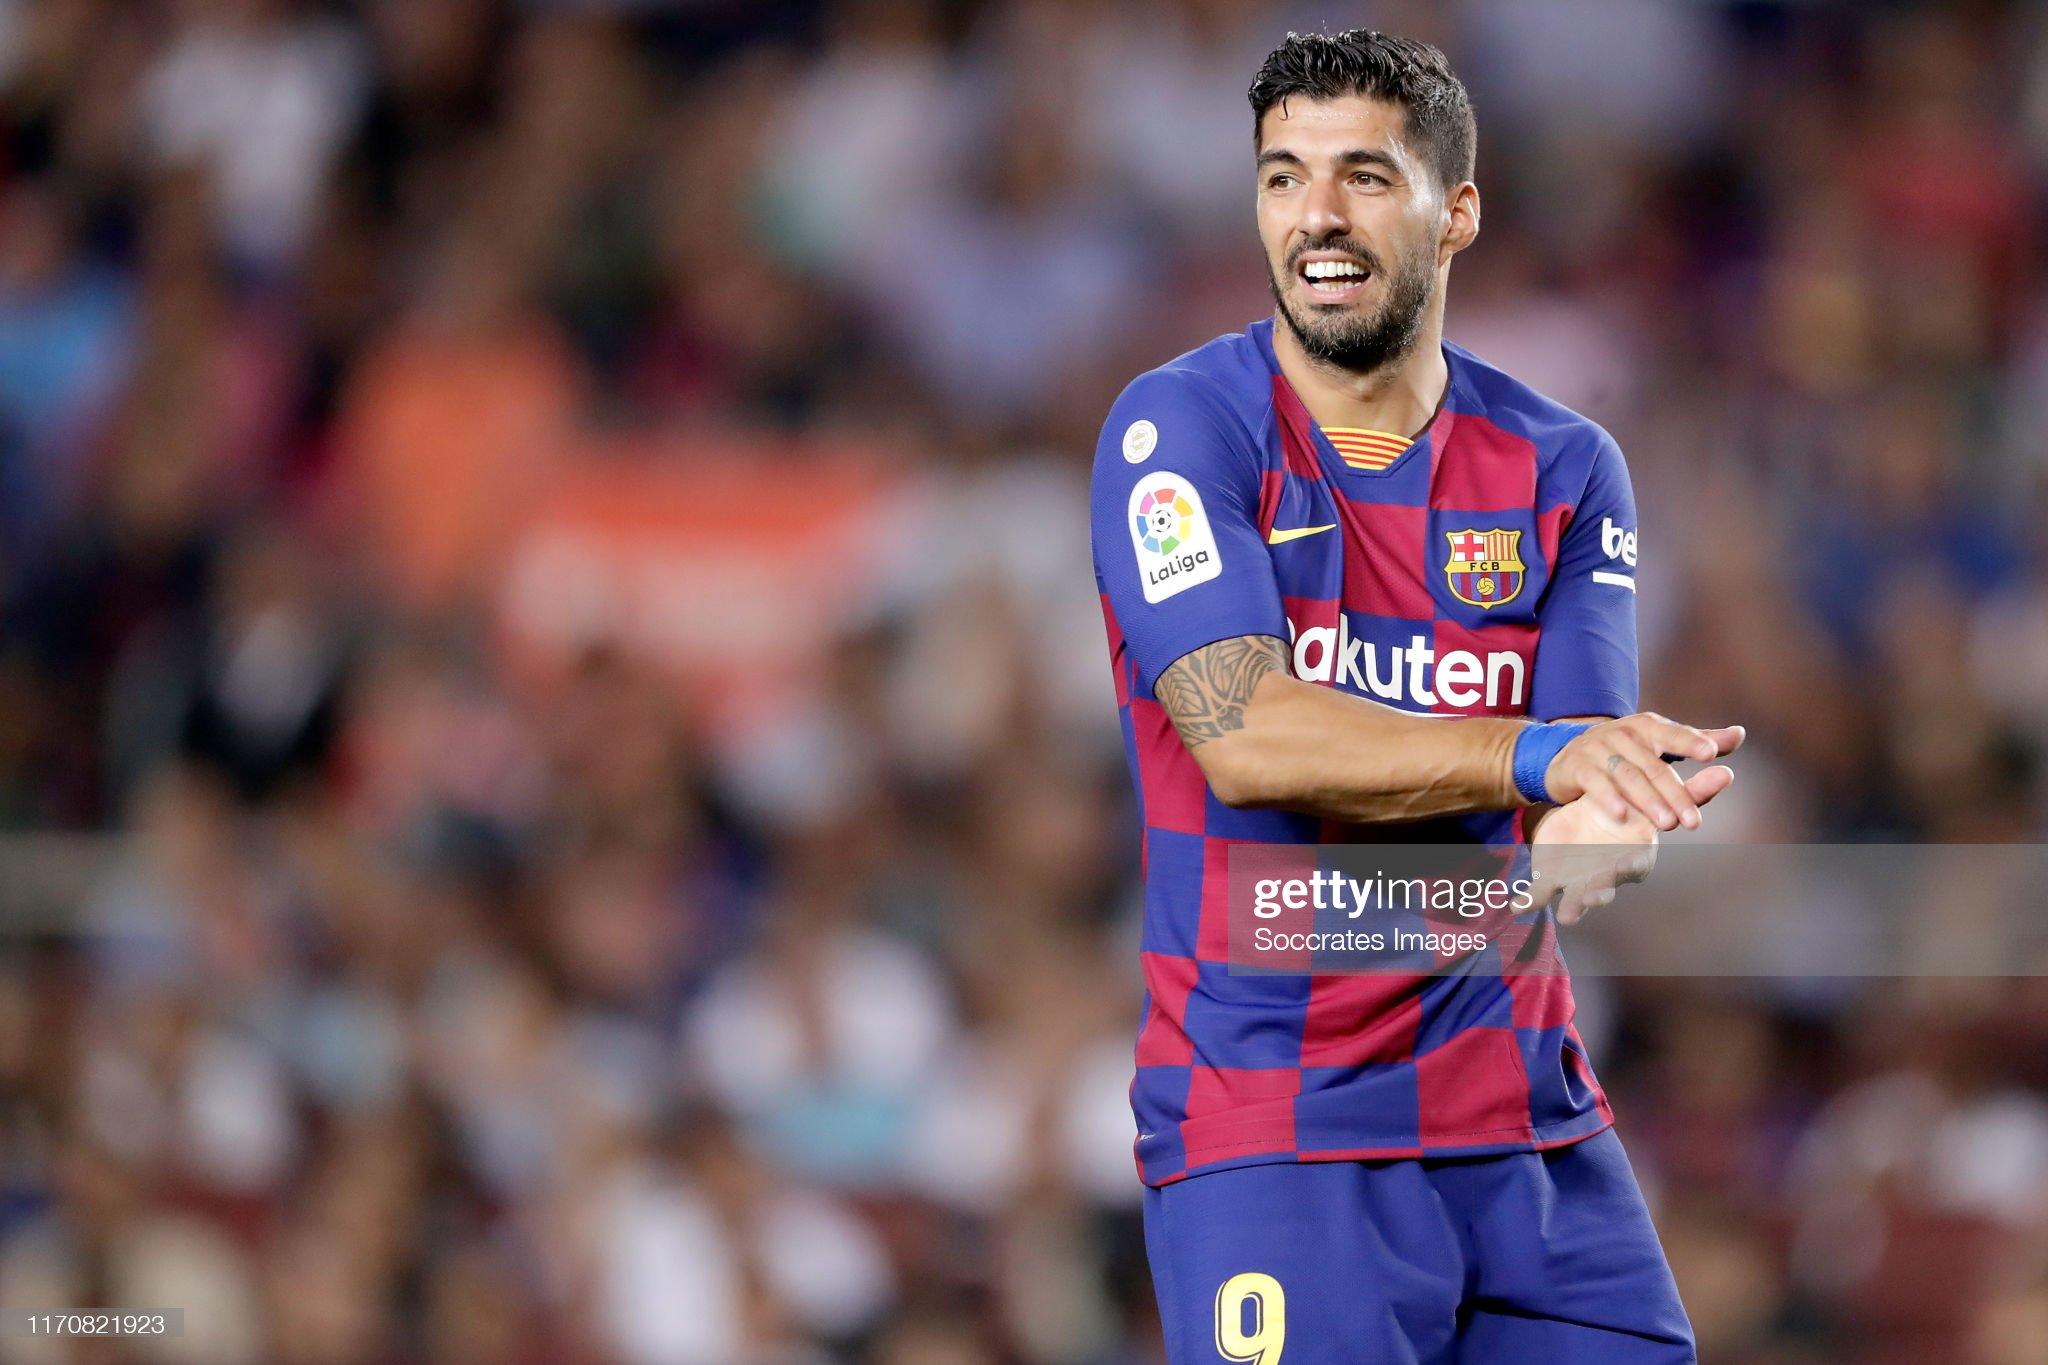 صور مباراة : برشلونة - فياريال 2-1 ( 24-09-2019 )  Luis-suarez-of-fc-barcelona-during-the-la-liga-santander-match-fc-v-picture-id1170821923?s=2048x2048